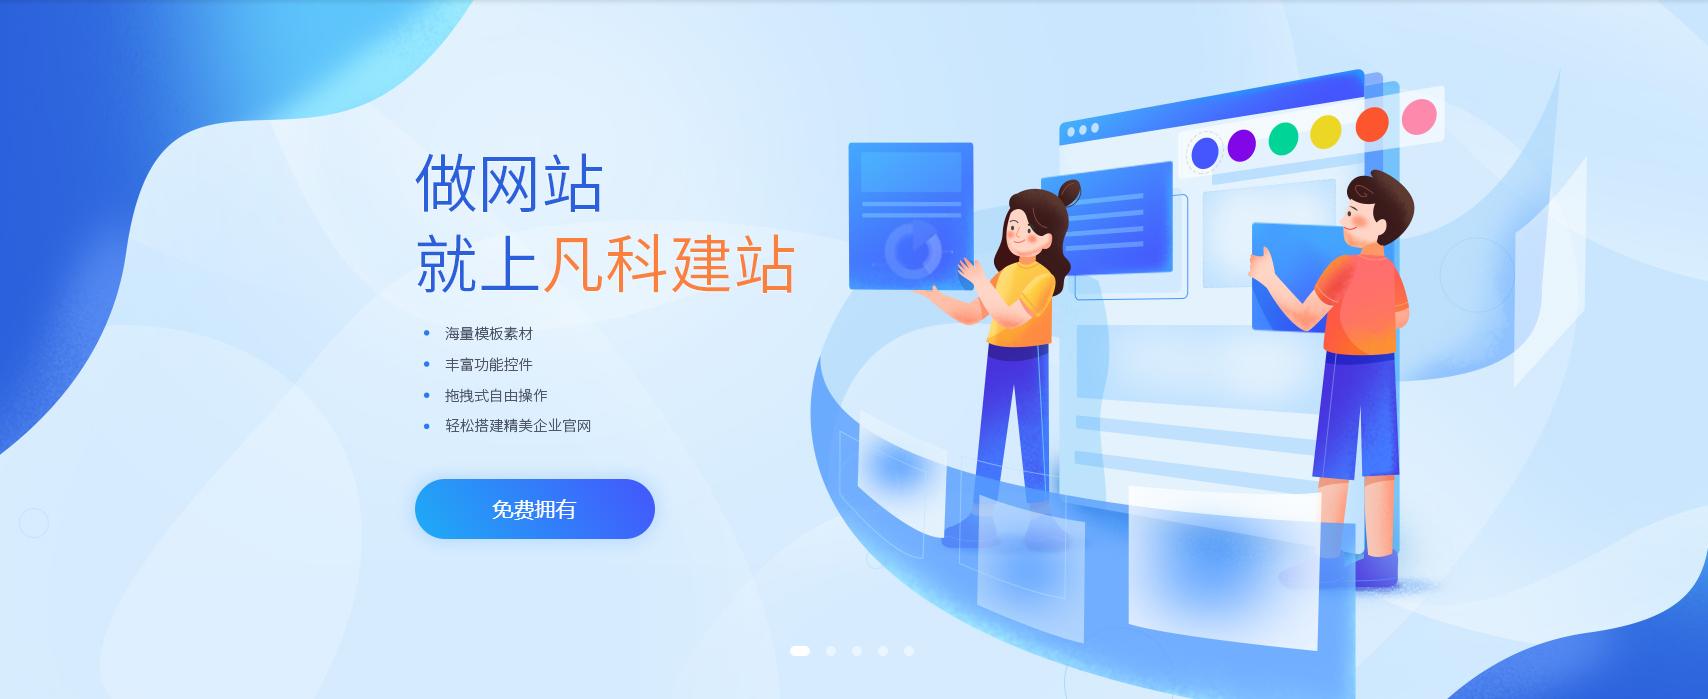 如何建立企业网站